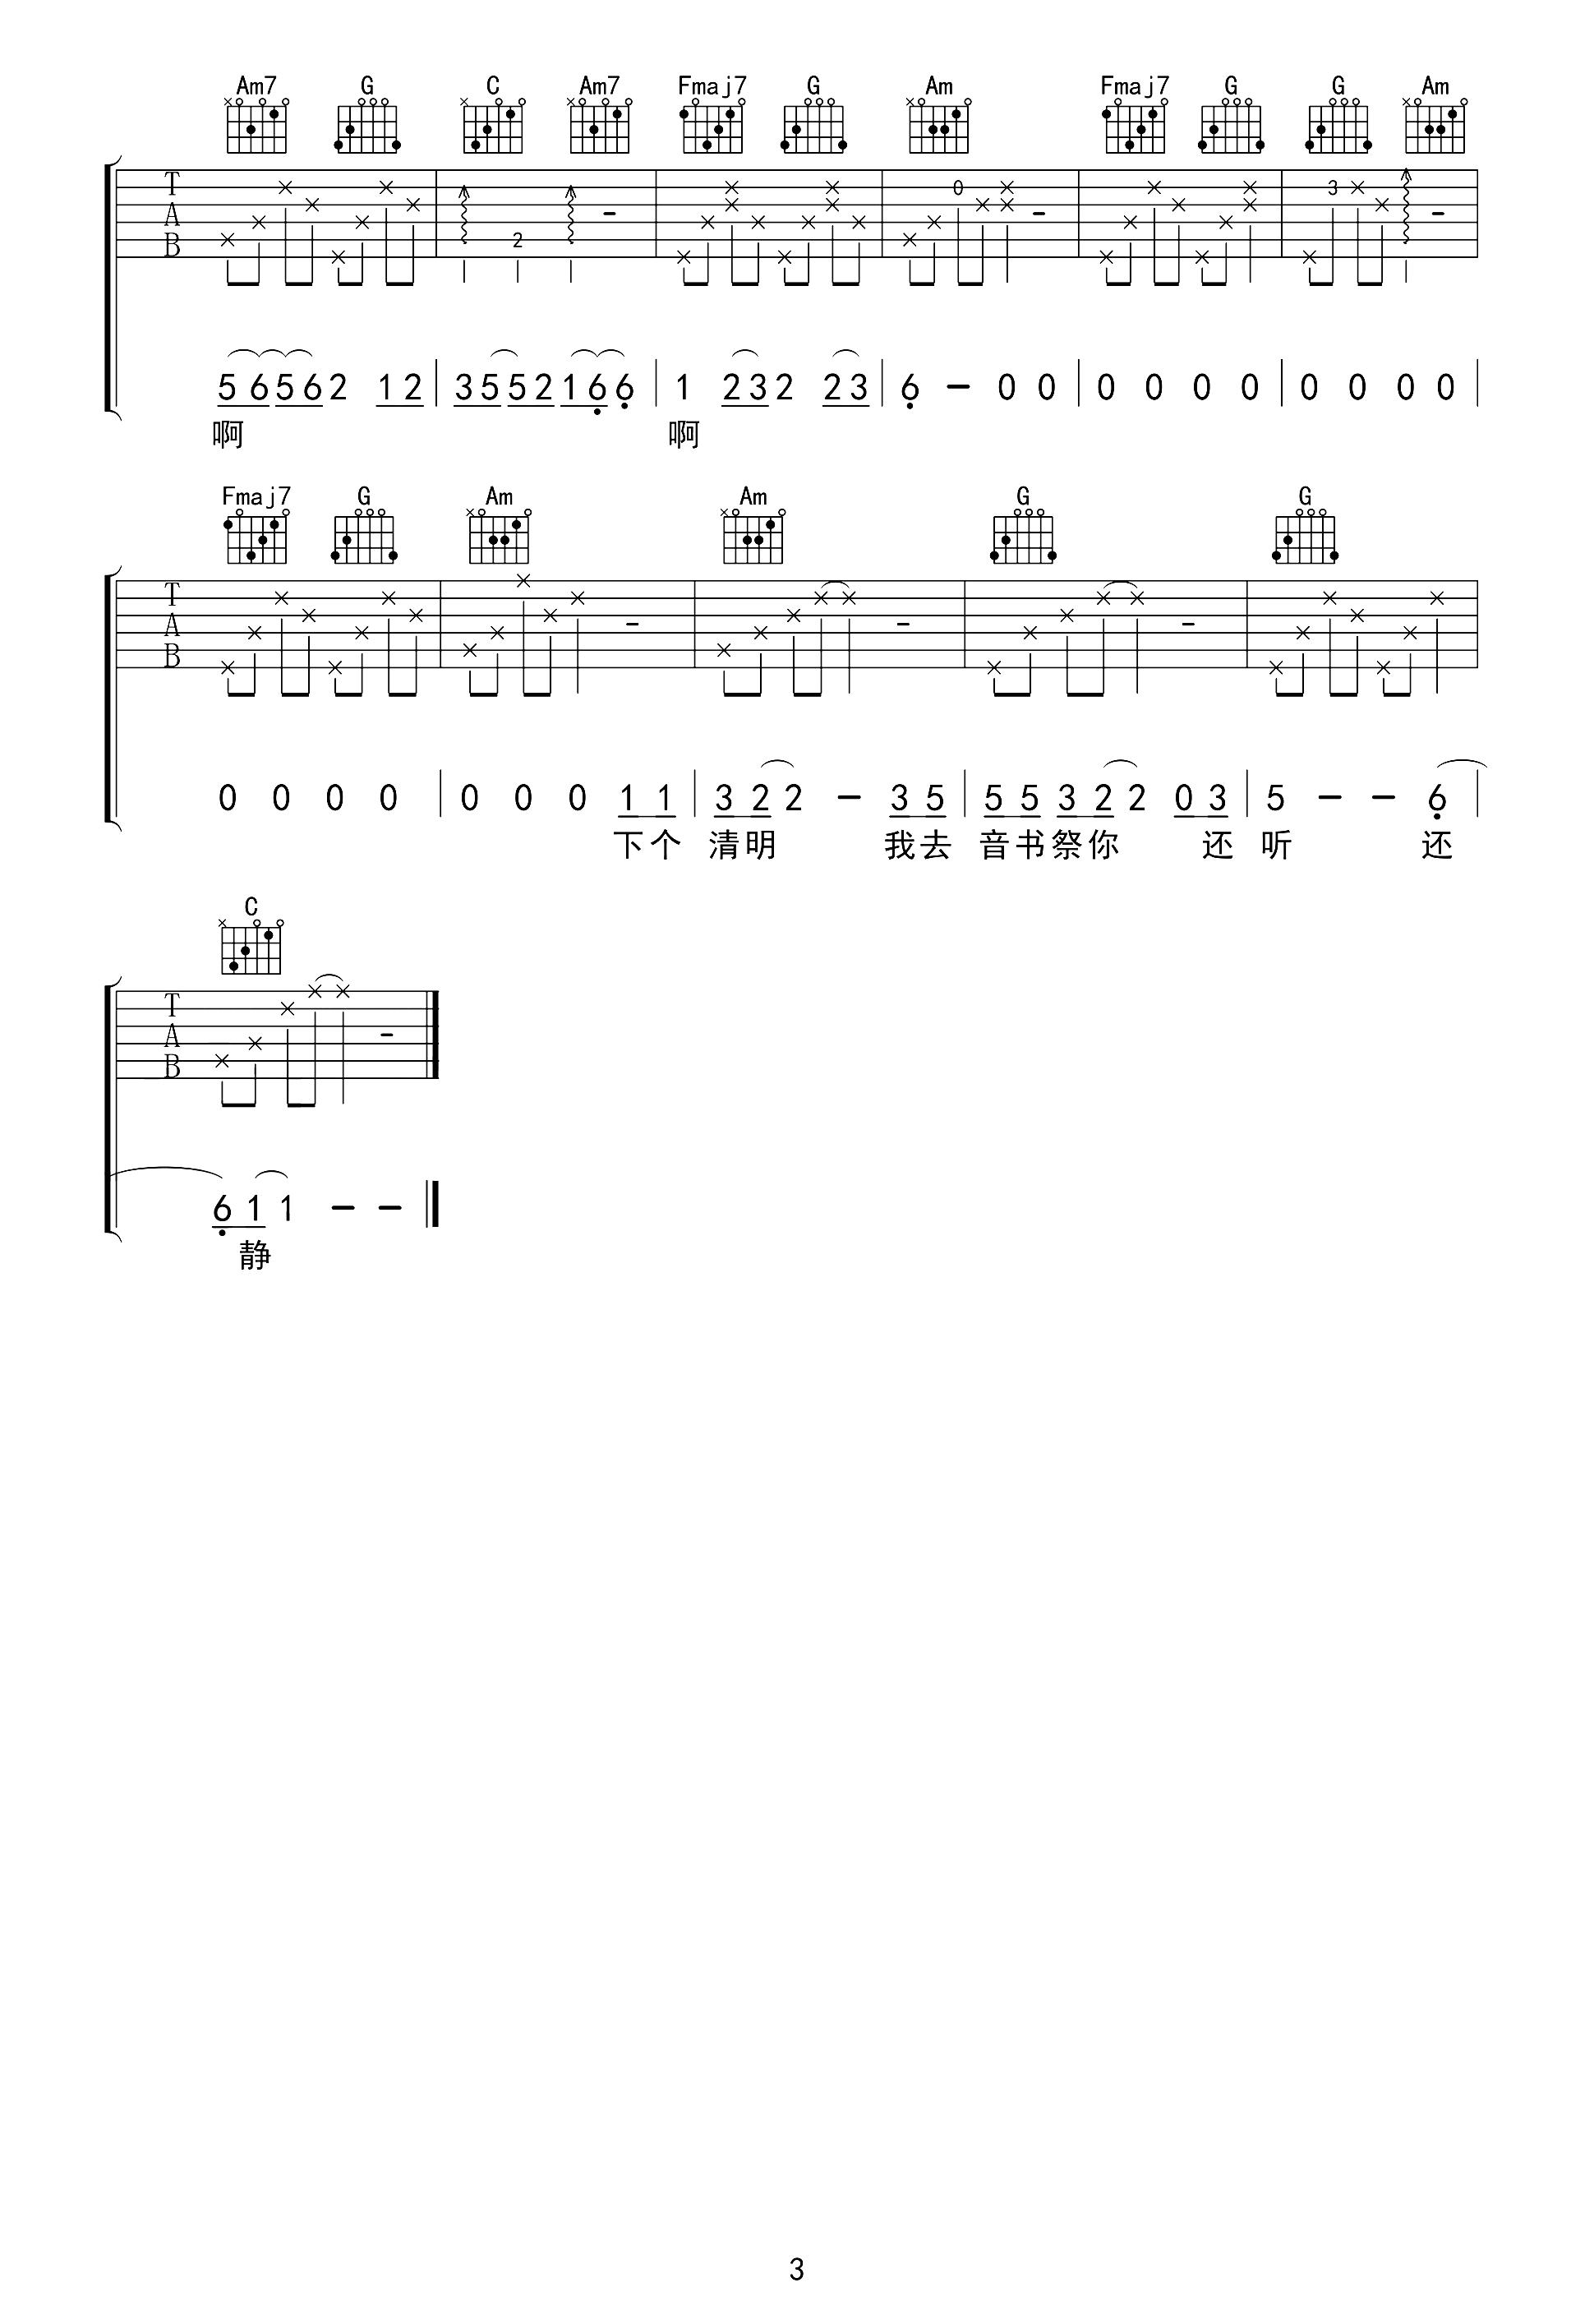 任素汐《胡广生》吉他谱 C调吉他弹唱谱《无名之辈》宣传曲3